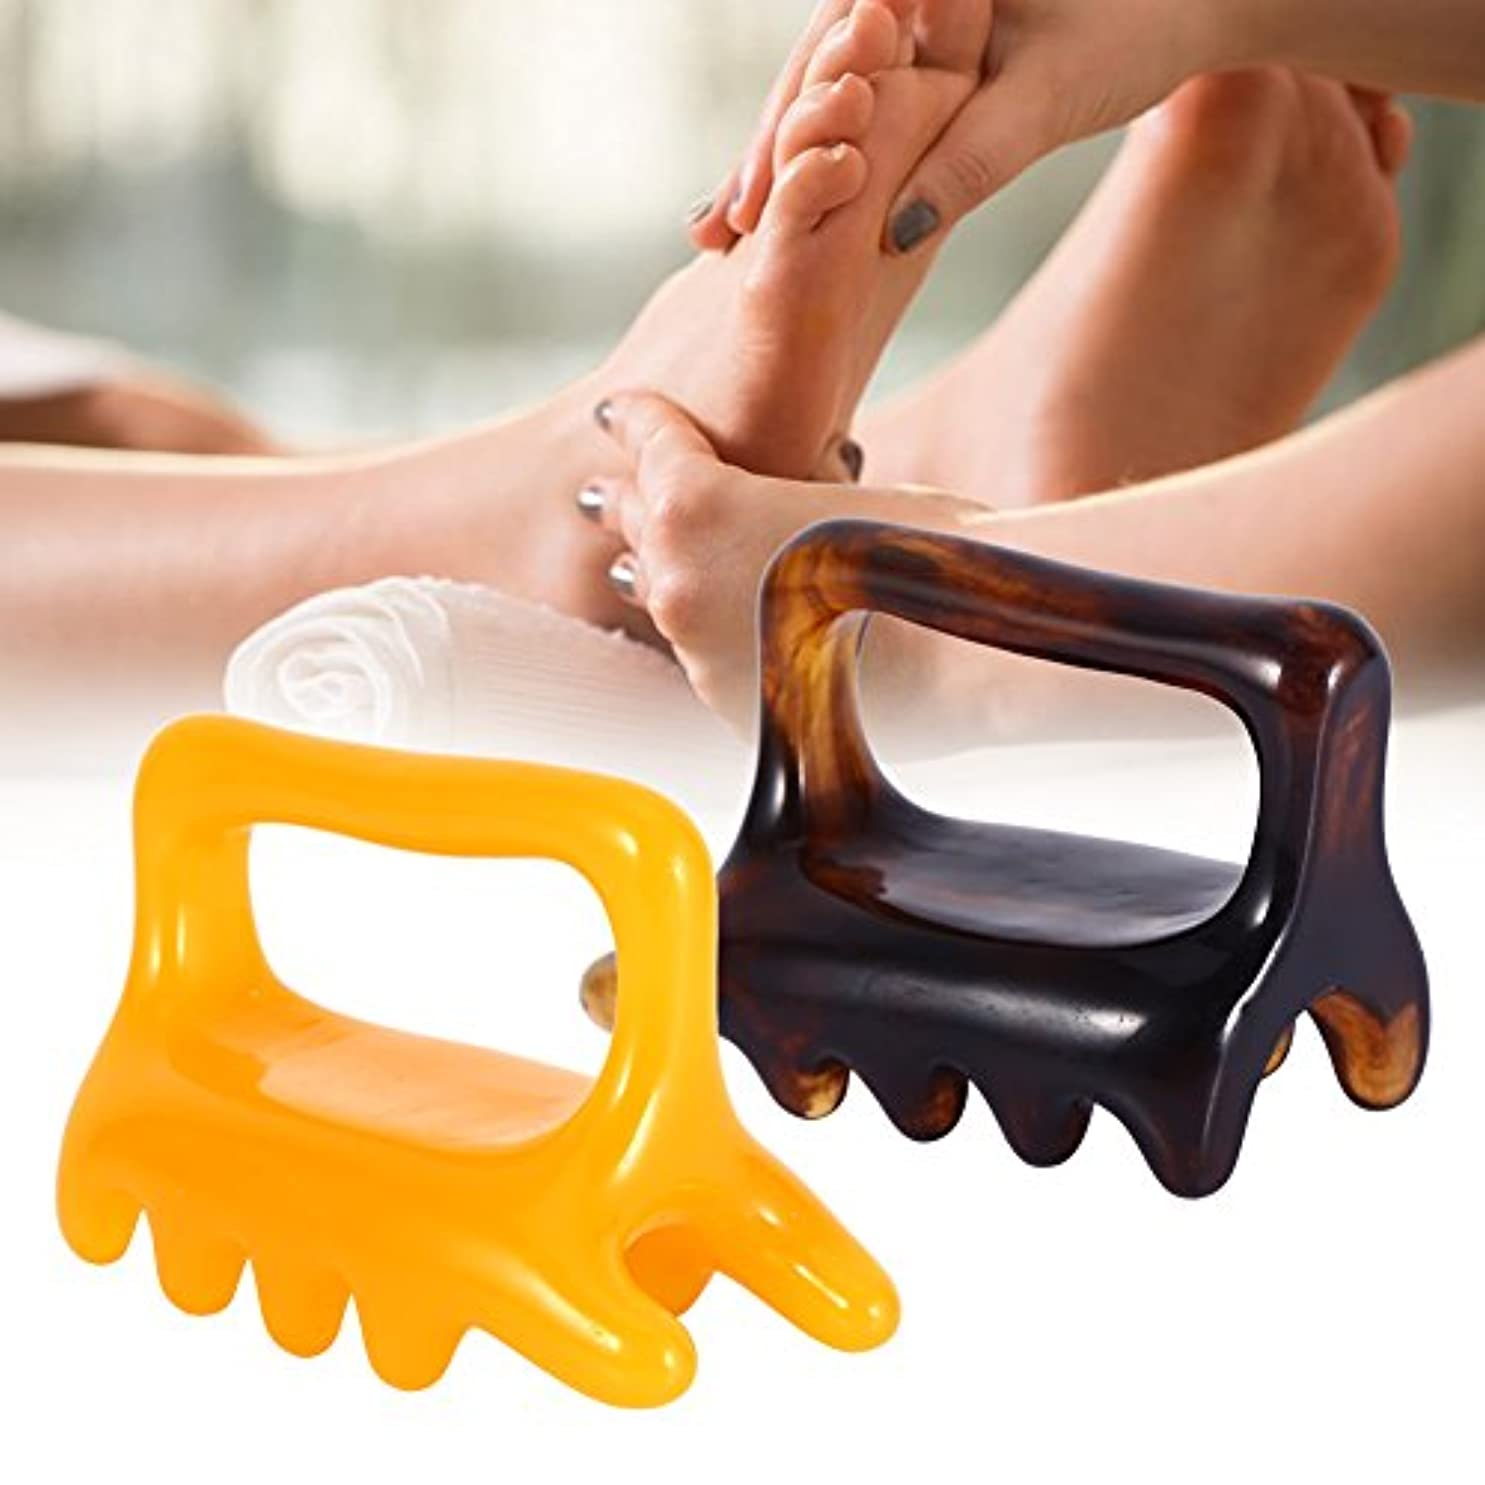 交じるセメント興奮する1pc Face/Body Massage resin Gua Sha acupress toolオカリナ型 カッサ ツボ押し蜜蝋 マッサジ棒 (brown)